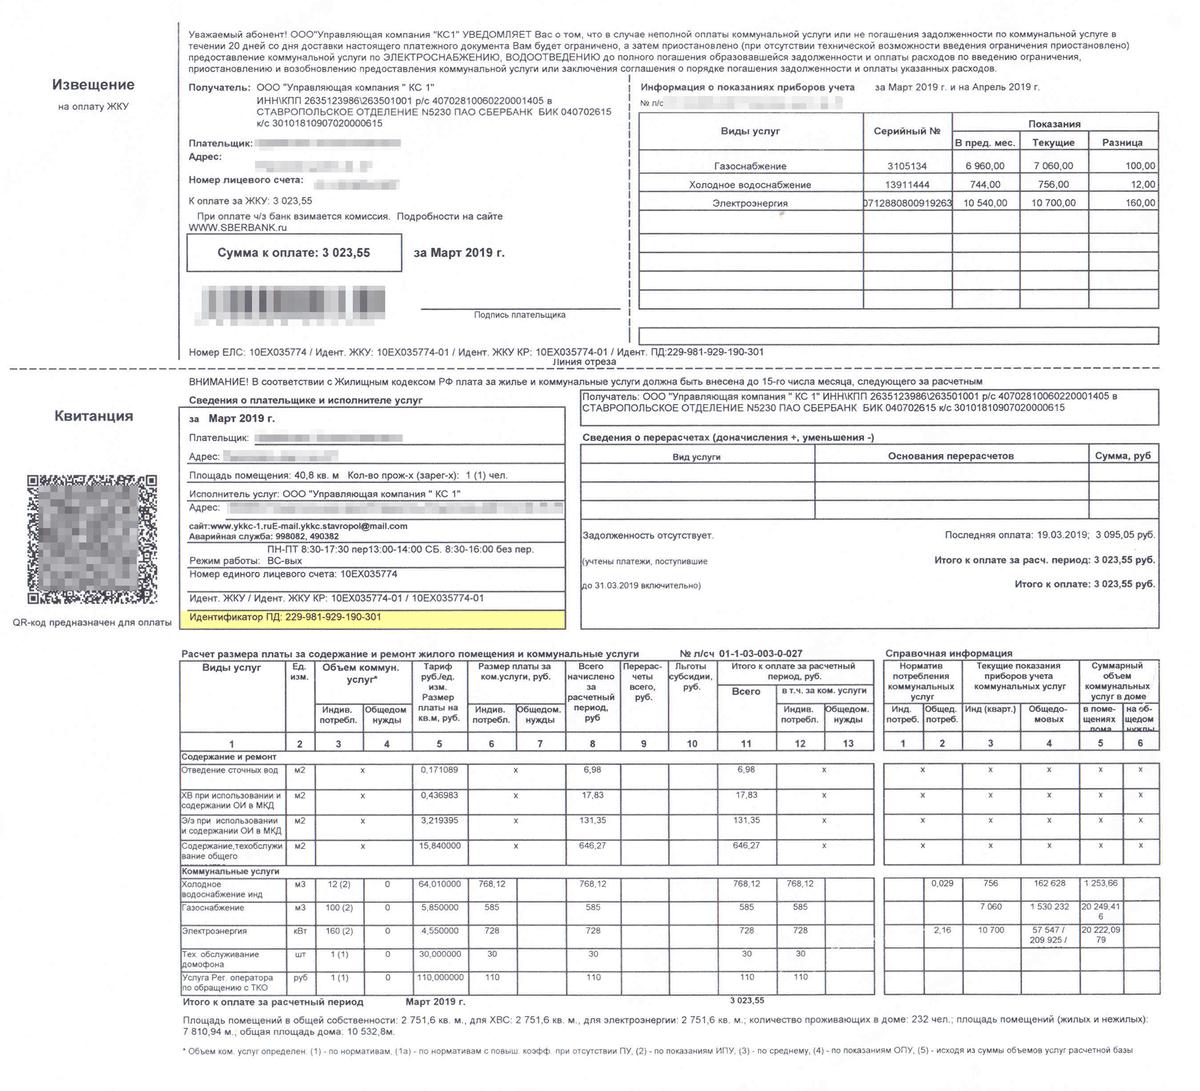 Проверить принадлежность квитанции вашей УК можно по идентификатору платежного документа в поле плательщика